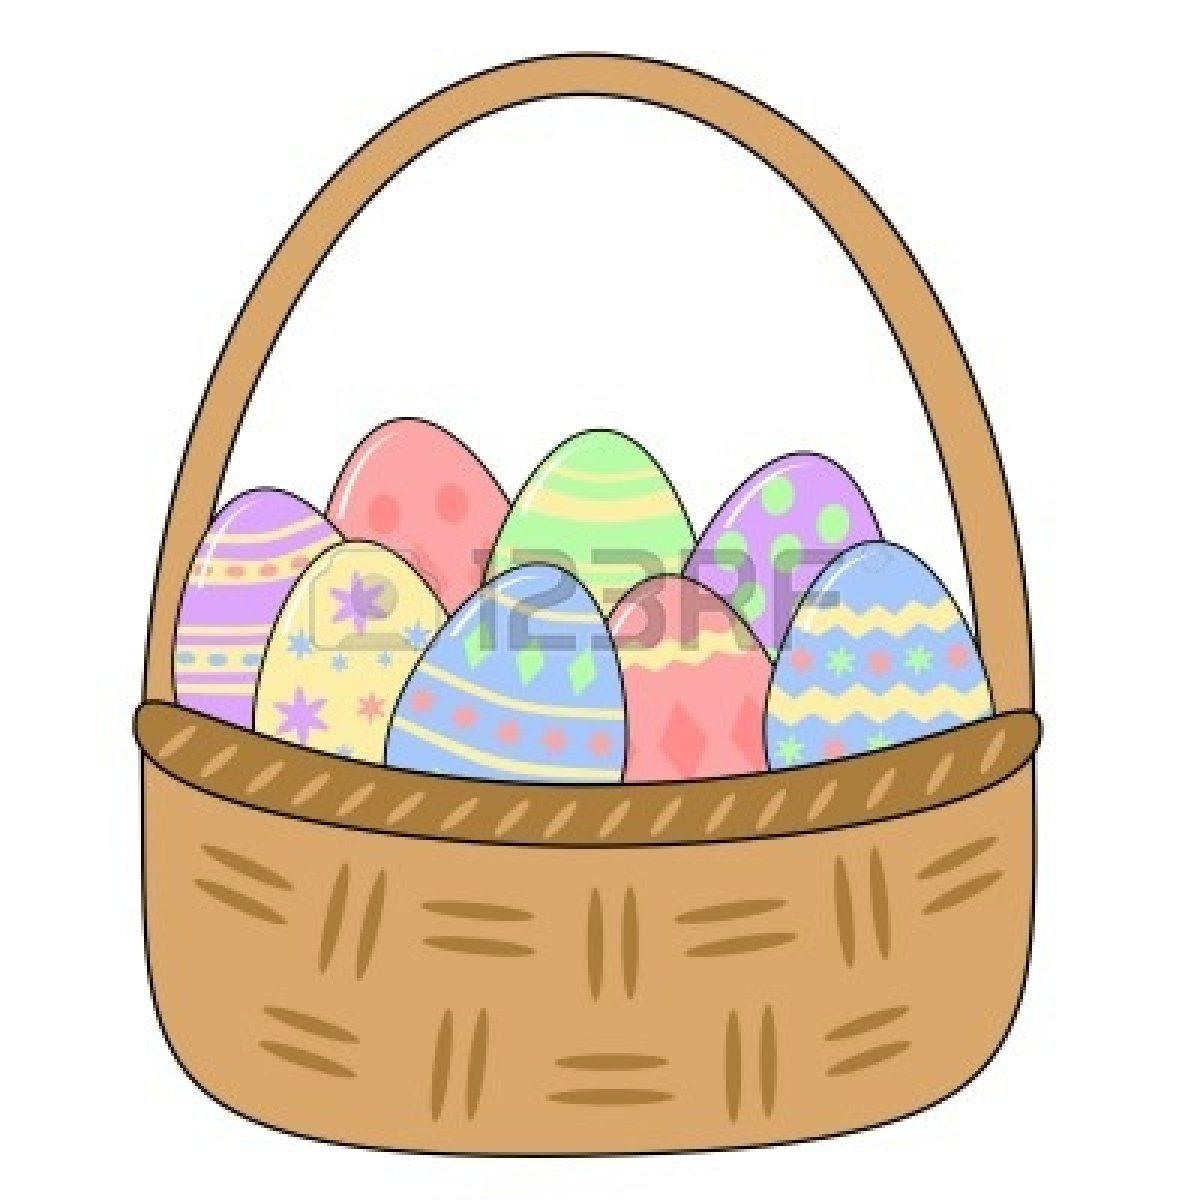 Egg basket clipart jpg royalty free Easter egg basket clipart - ClipartFest jpg royalty free